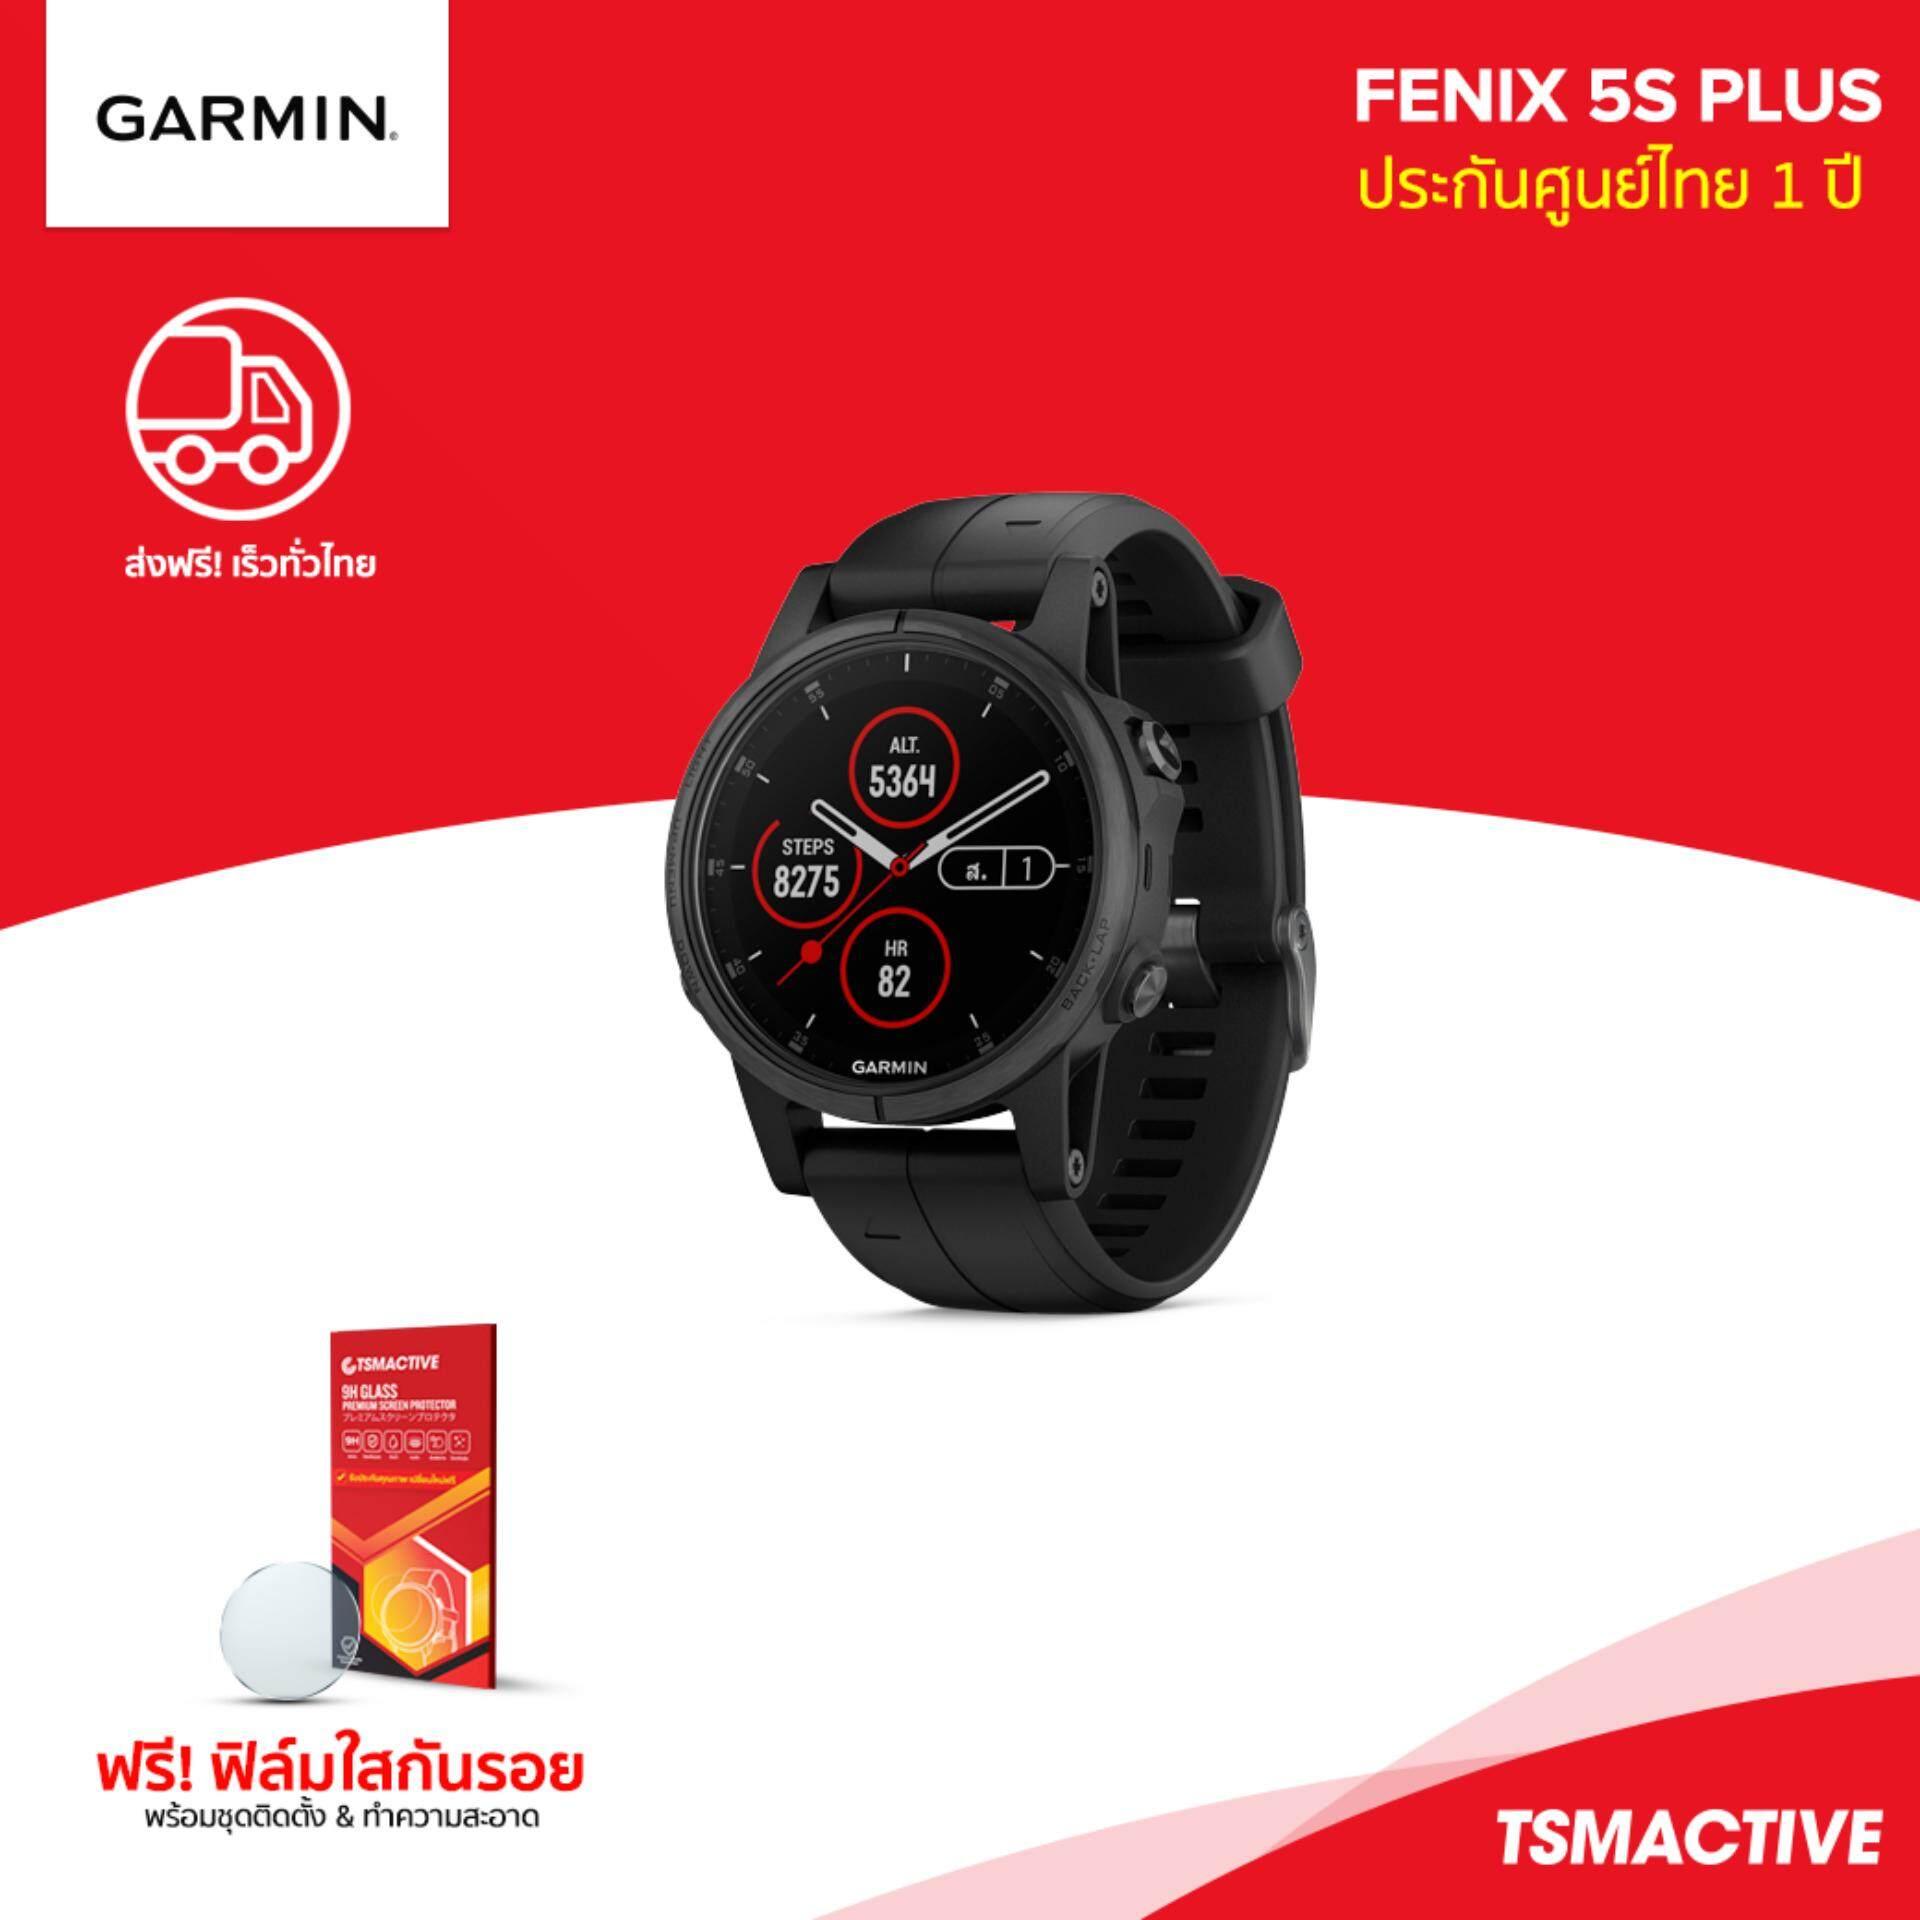 ยี่ห้อนี้ดีไหม  อุทัยธานี Garmin Fenix 5S PLUS (ฟรีฟิล์มใสกันรอย) ประกันศูนย์ไทย 1 ปี